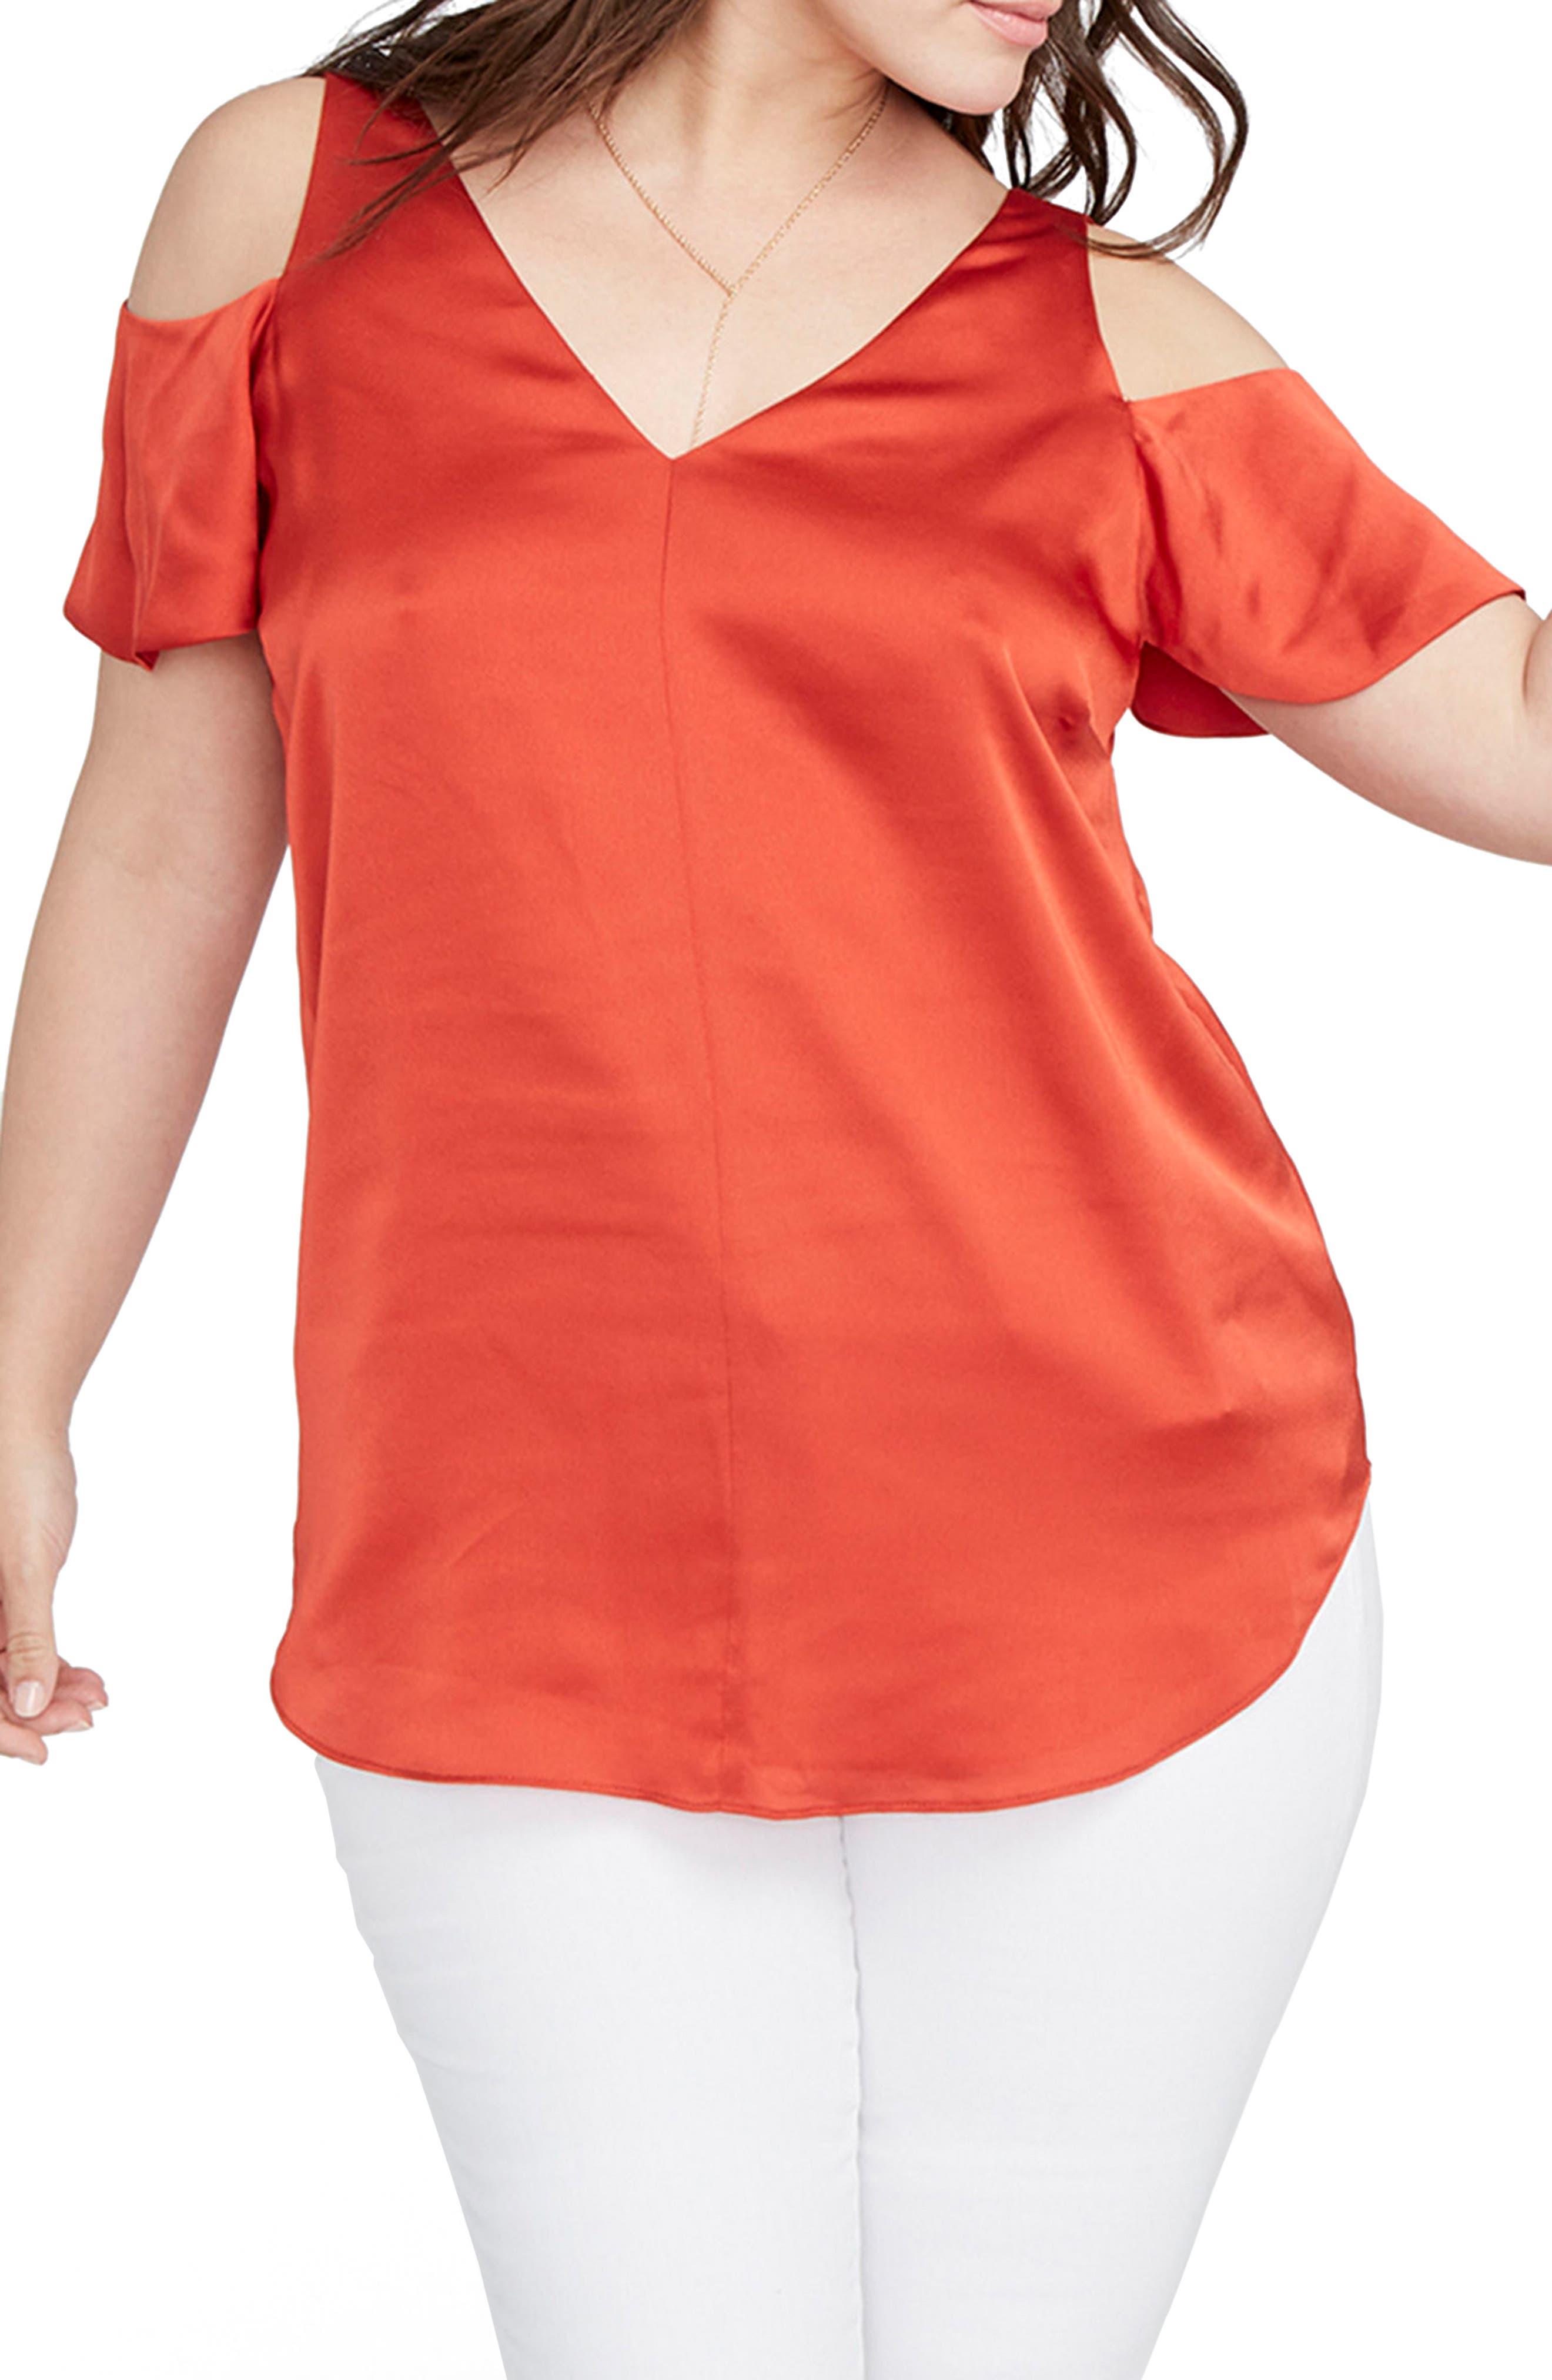 Main Image - RACHEL Rachel Roy Cold Shoulder Top (Plus Size)